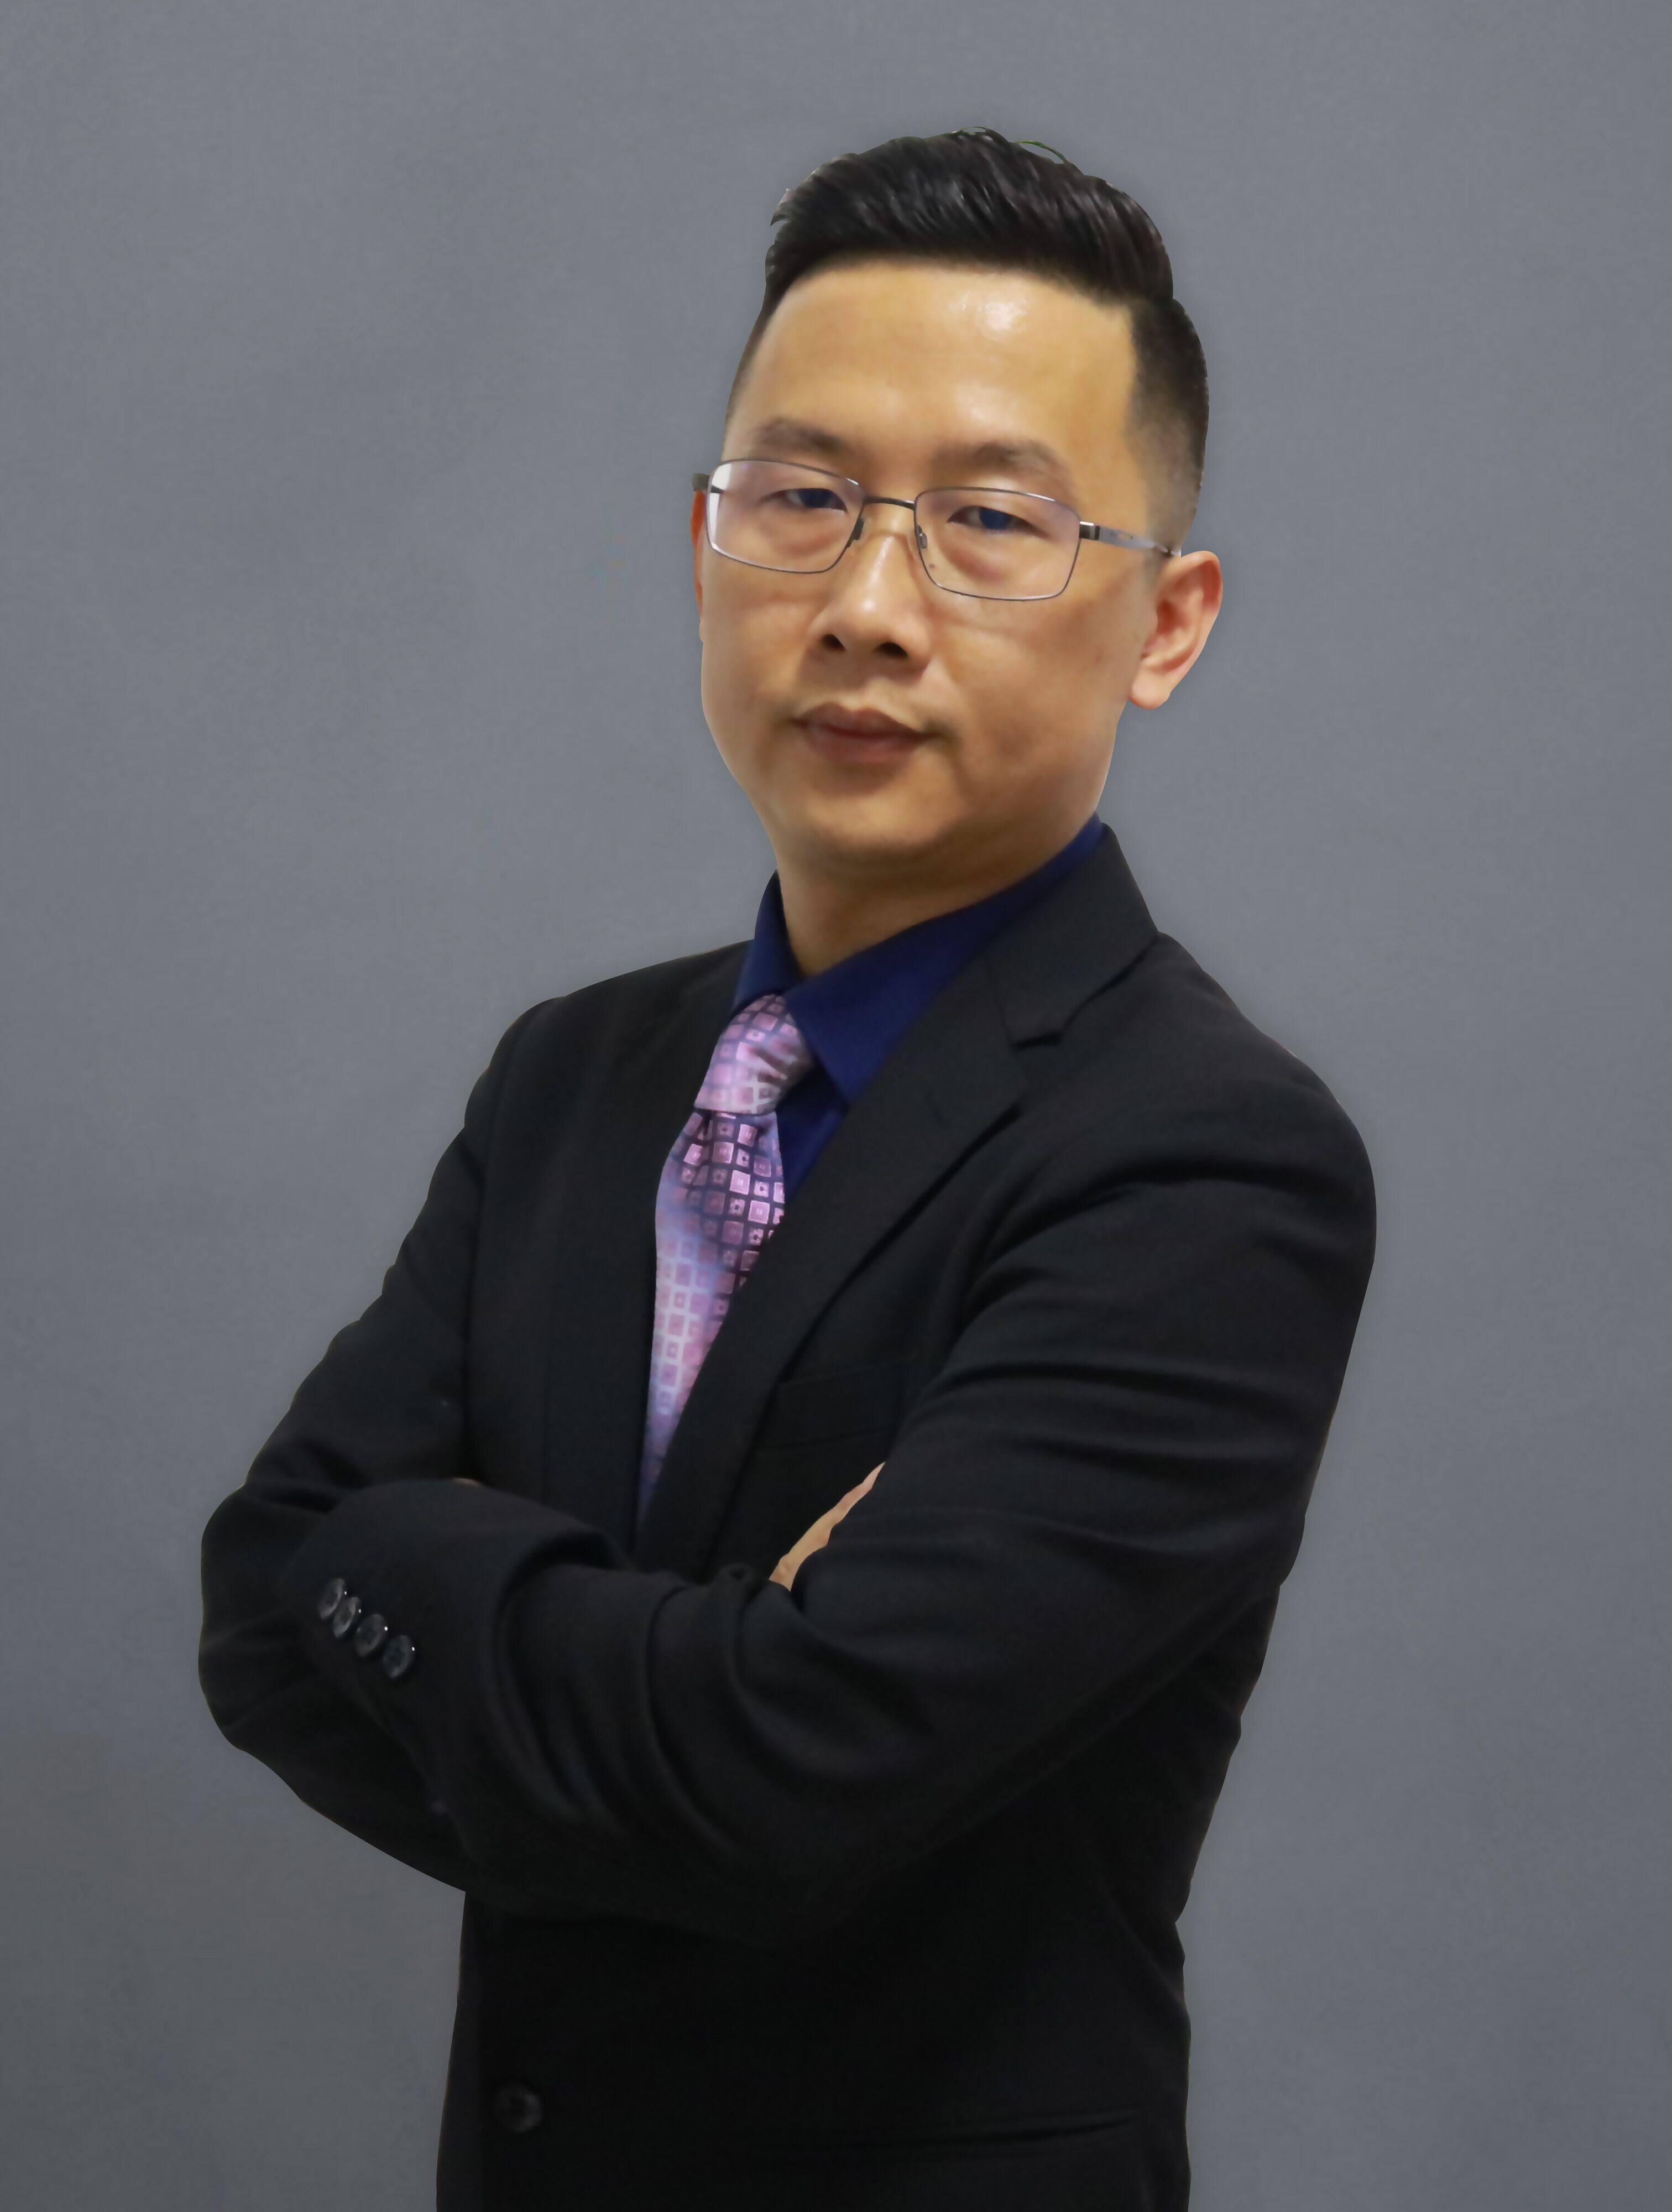 云访谈-专访深圳神目信息技术有限公司总经理罗畅